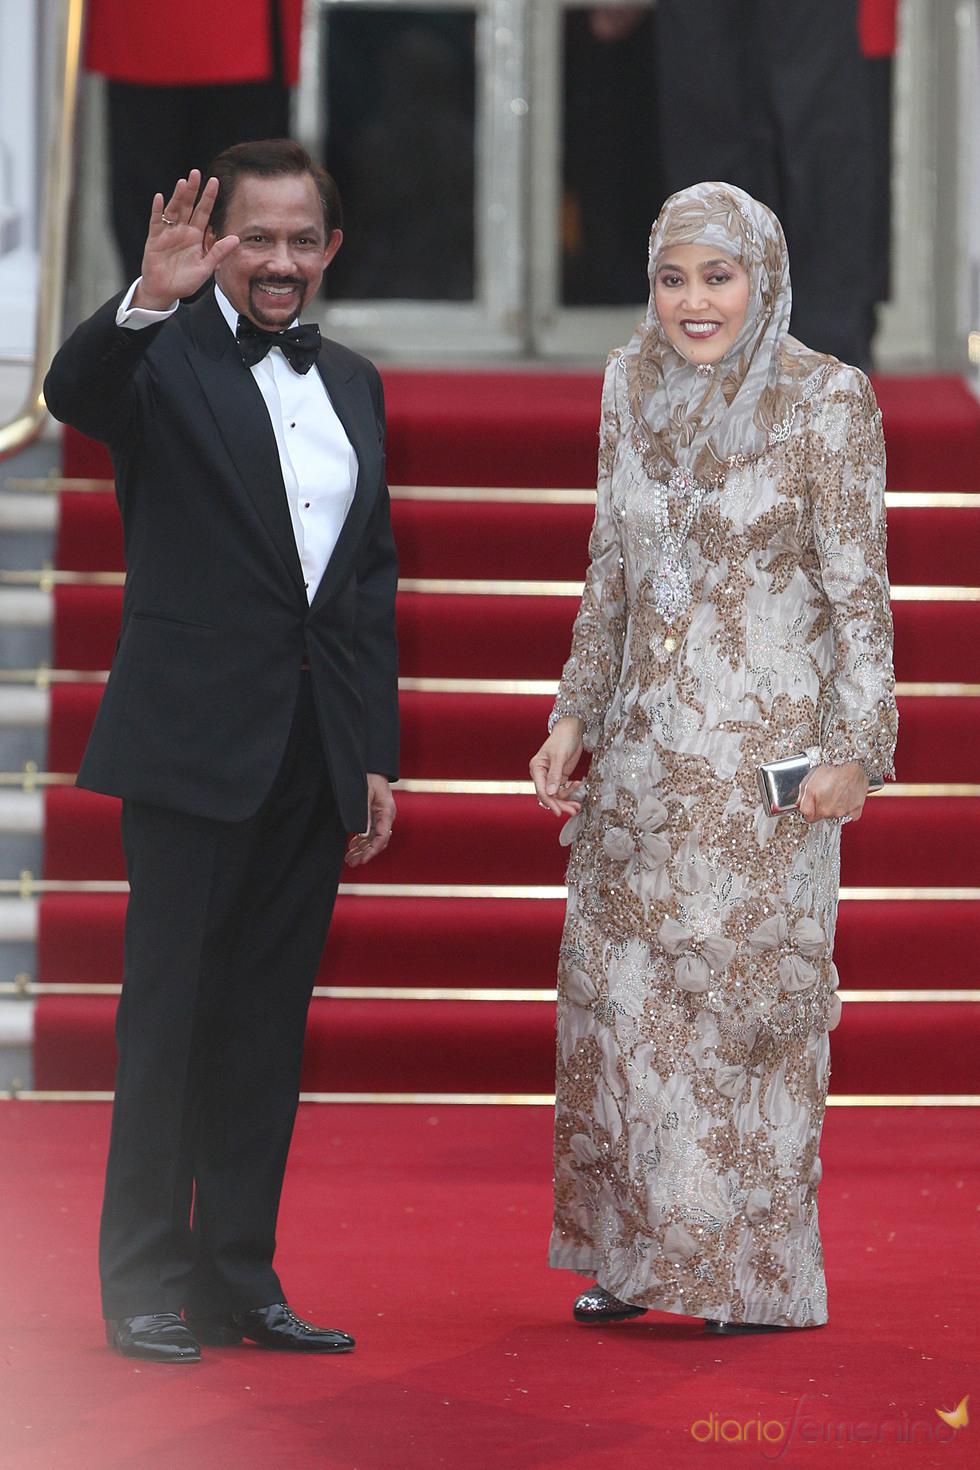 El sultán de Brunei Hassanal Bolkiah y su esposa en la cena pre-boda real